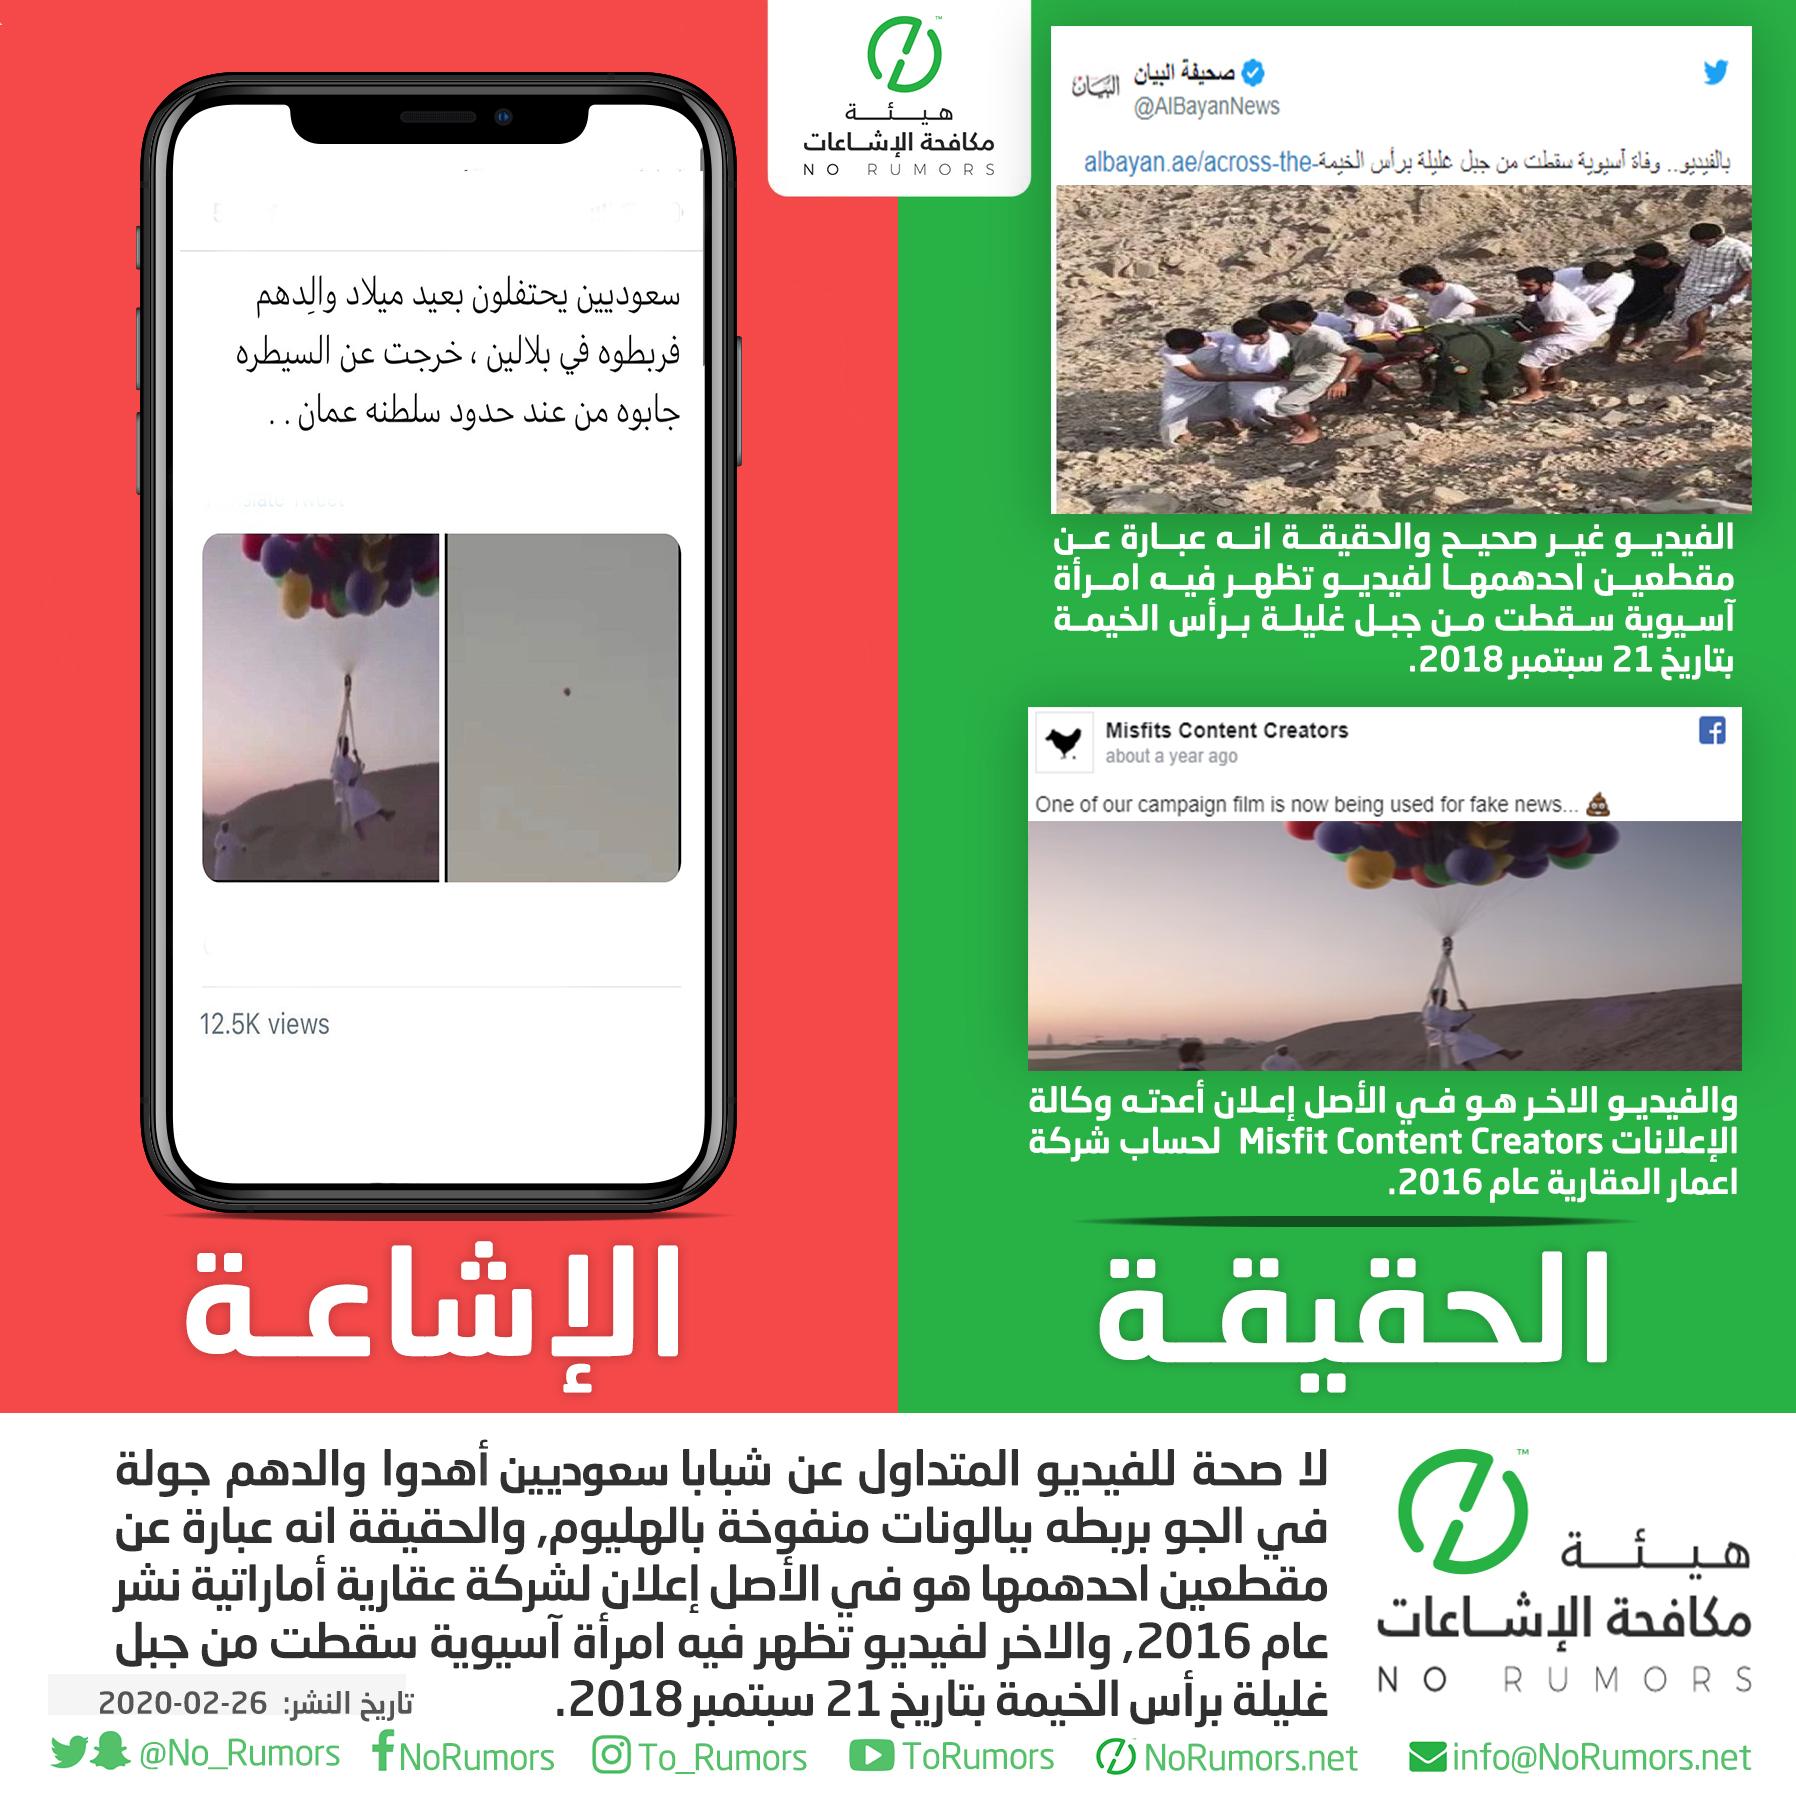 ماهي حقيقة الفيديو المتداول عن شبابا سعوديين أهدوا والدهم جولة في الجو بربطه ببالونات منفوخة بالهليوم وخرج عن السيطرة